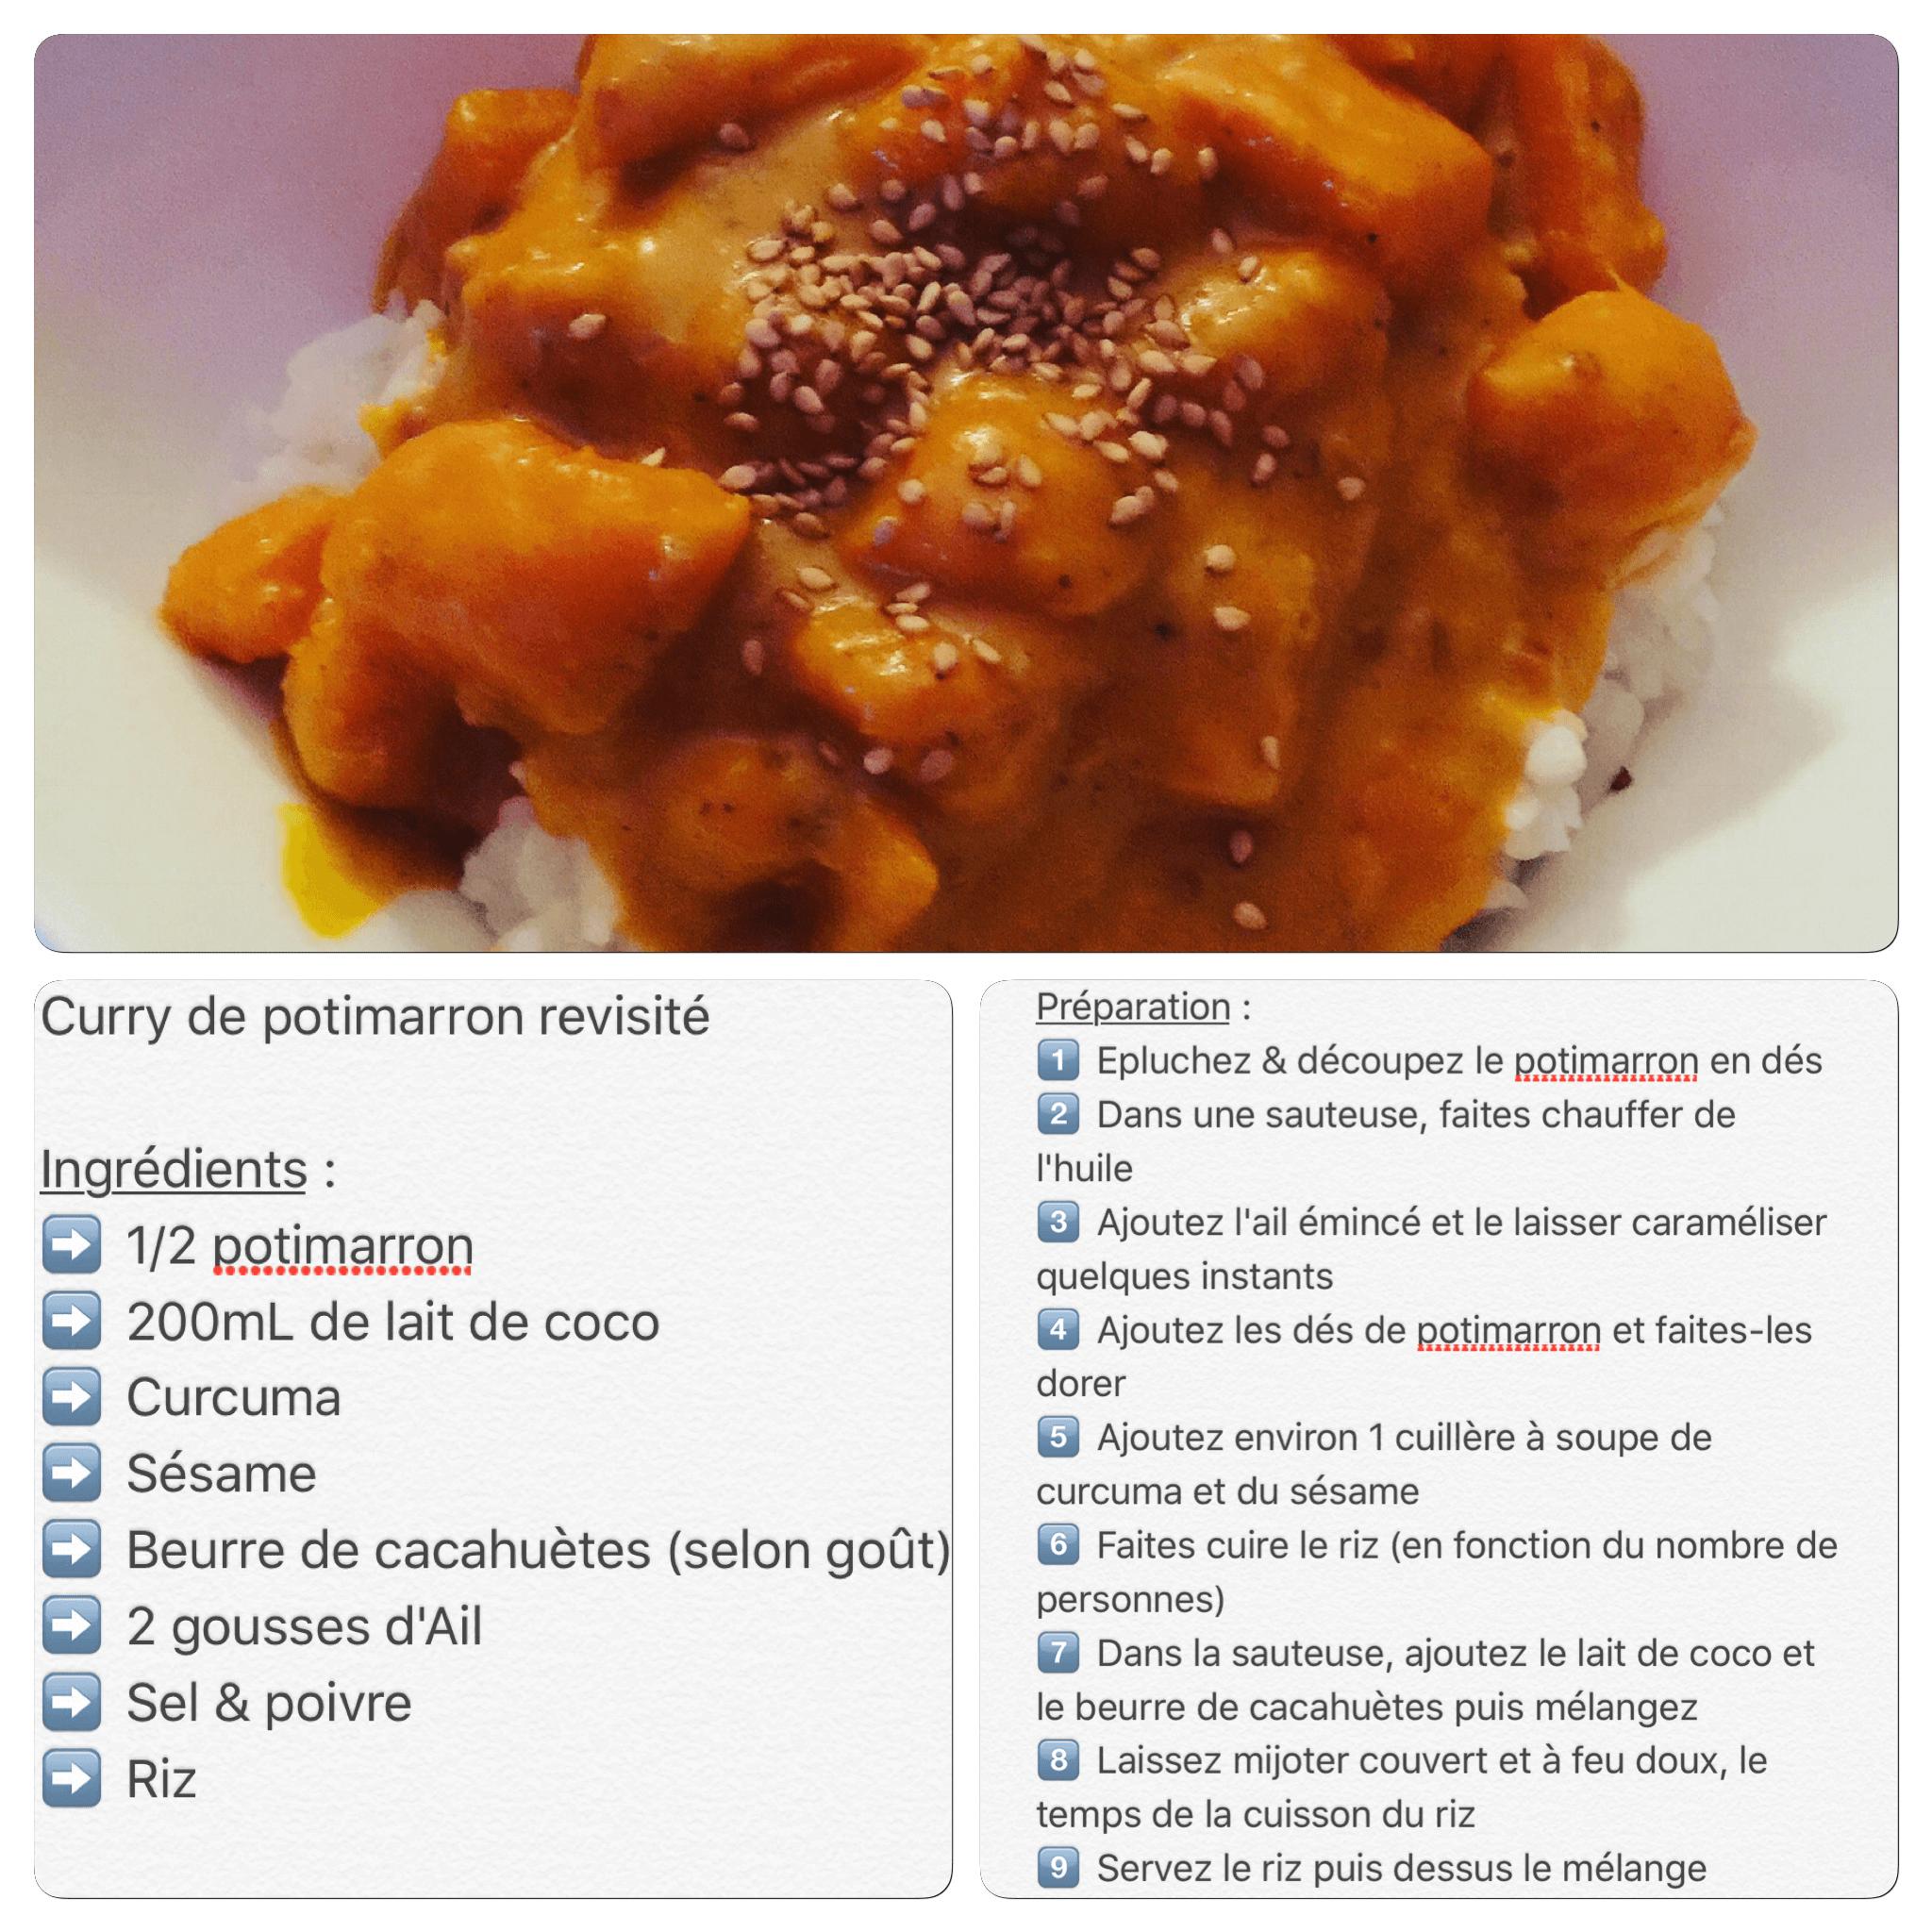 Recette de curry de potimarron